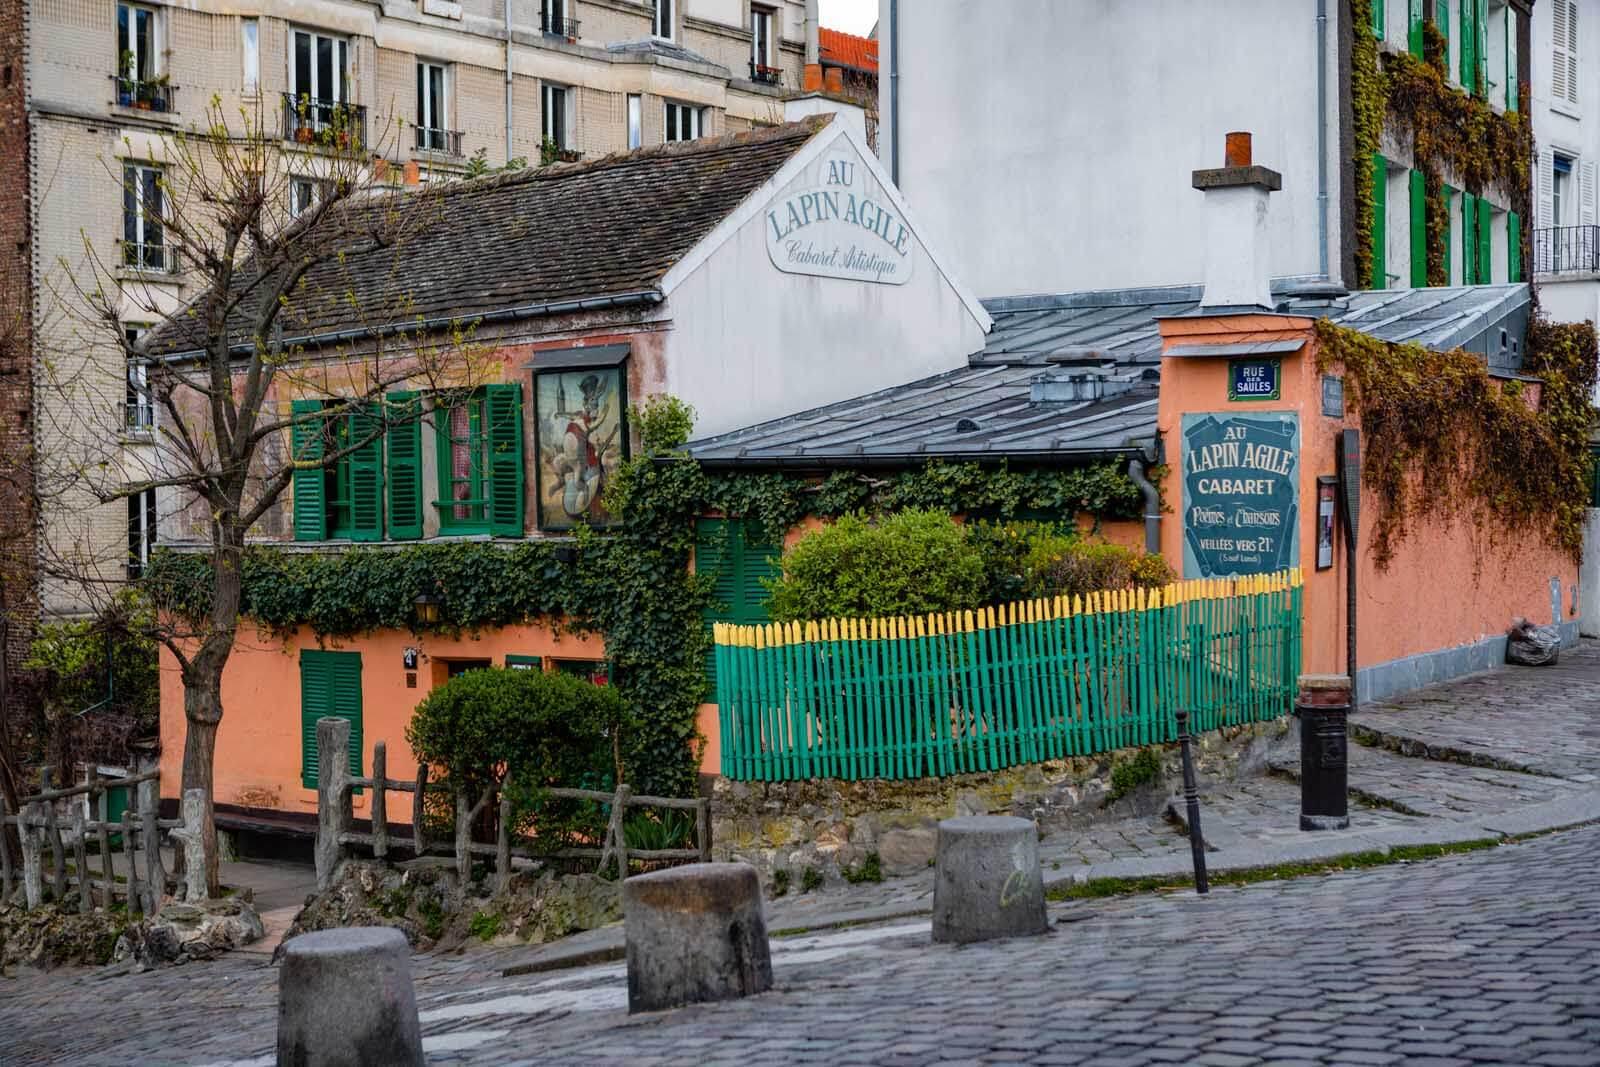 Au Lapin Agile cabaret in Montmartre Paris